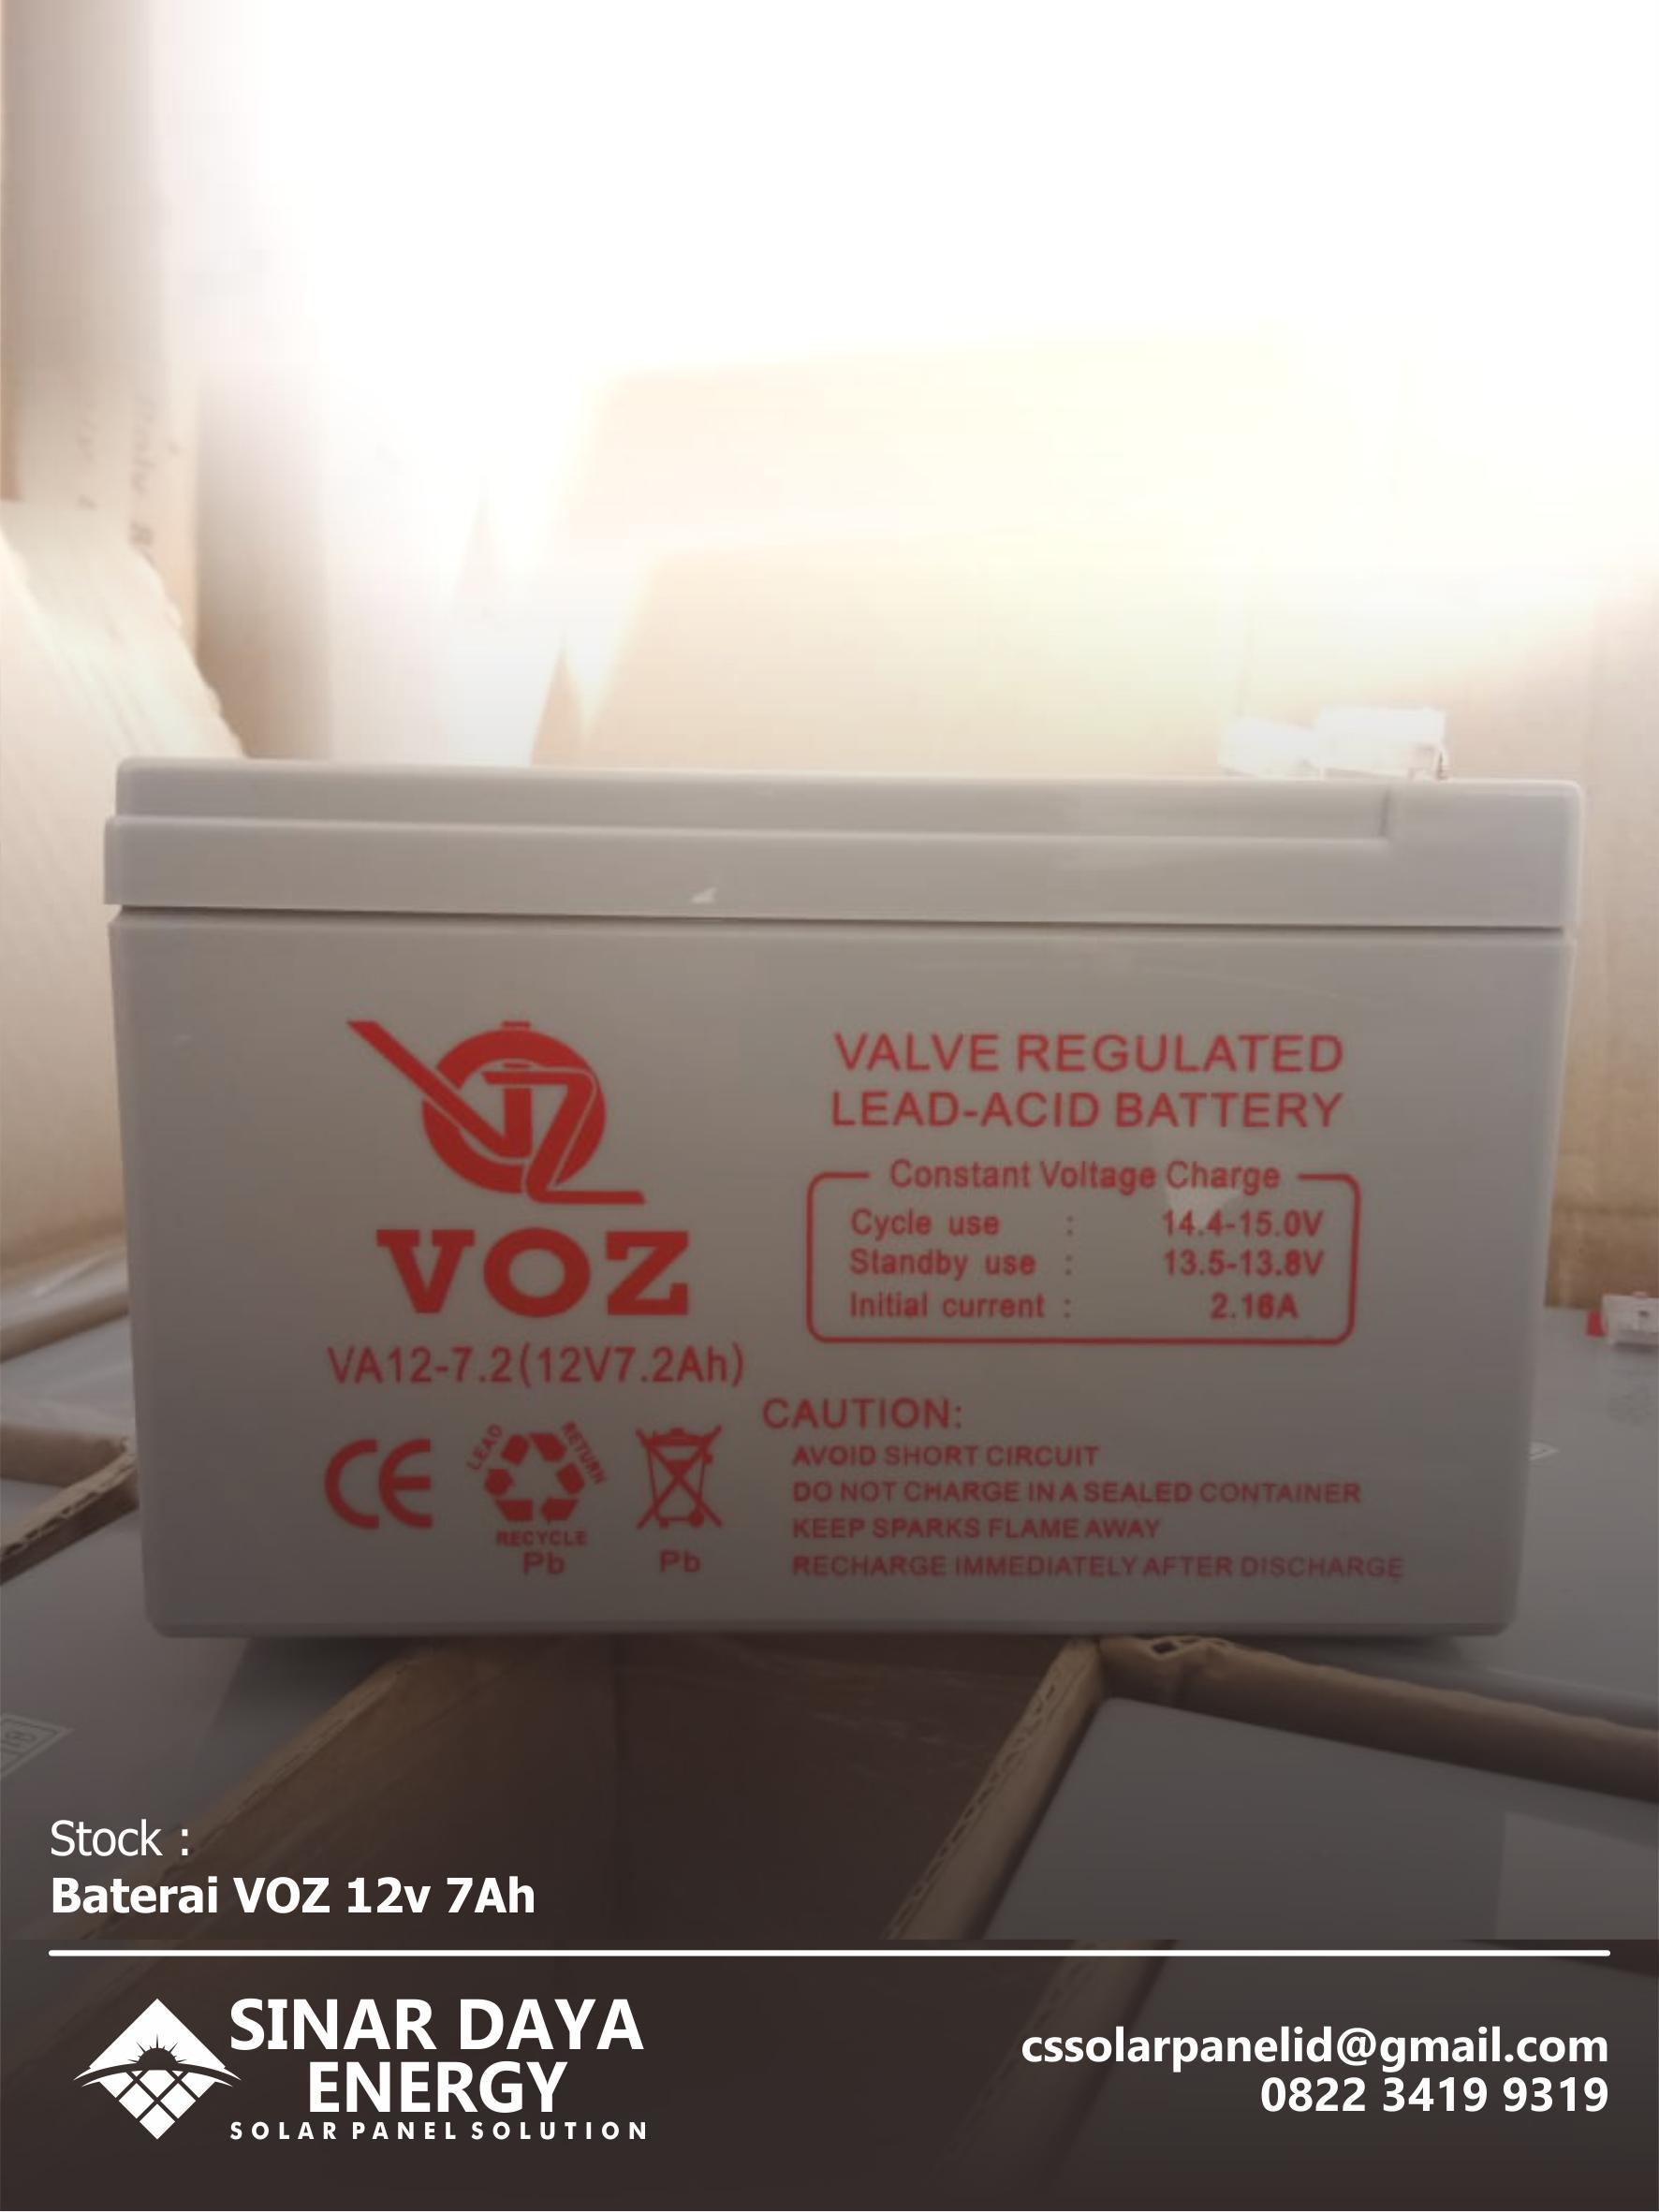 Voz Aki Kering 6v 7 Ah Daftar Harga Termurah Terkini Dan Battery Ups Merk Ical 12v 72ah Original Vrla Agm